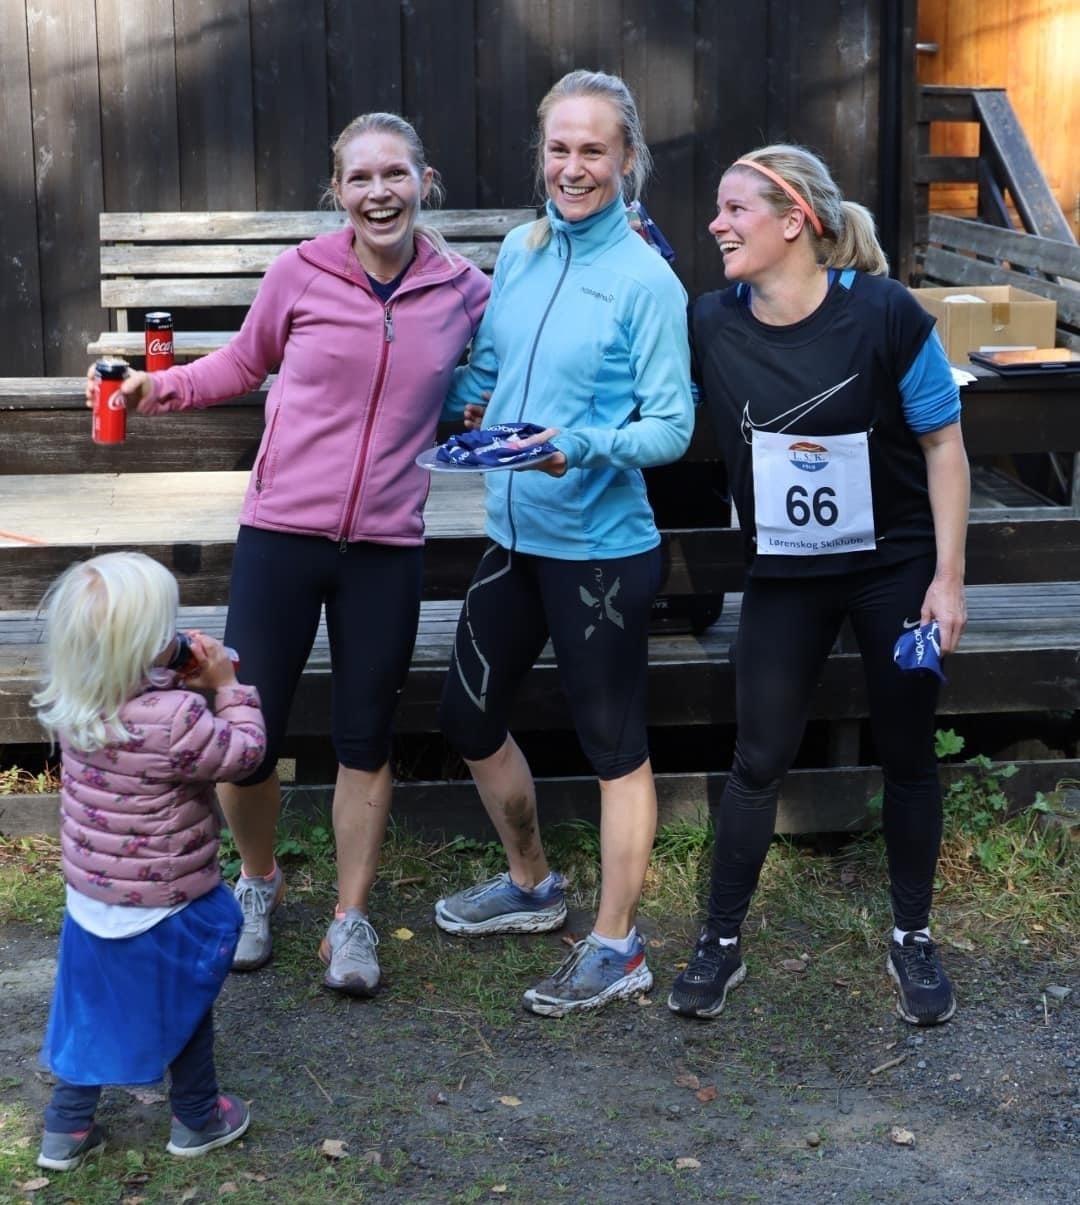 Pall-kvinner-10km.jpg